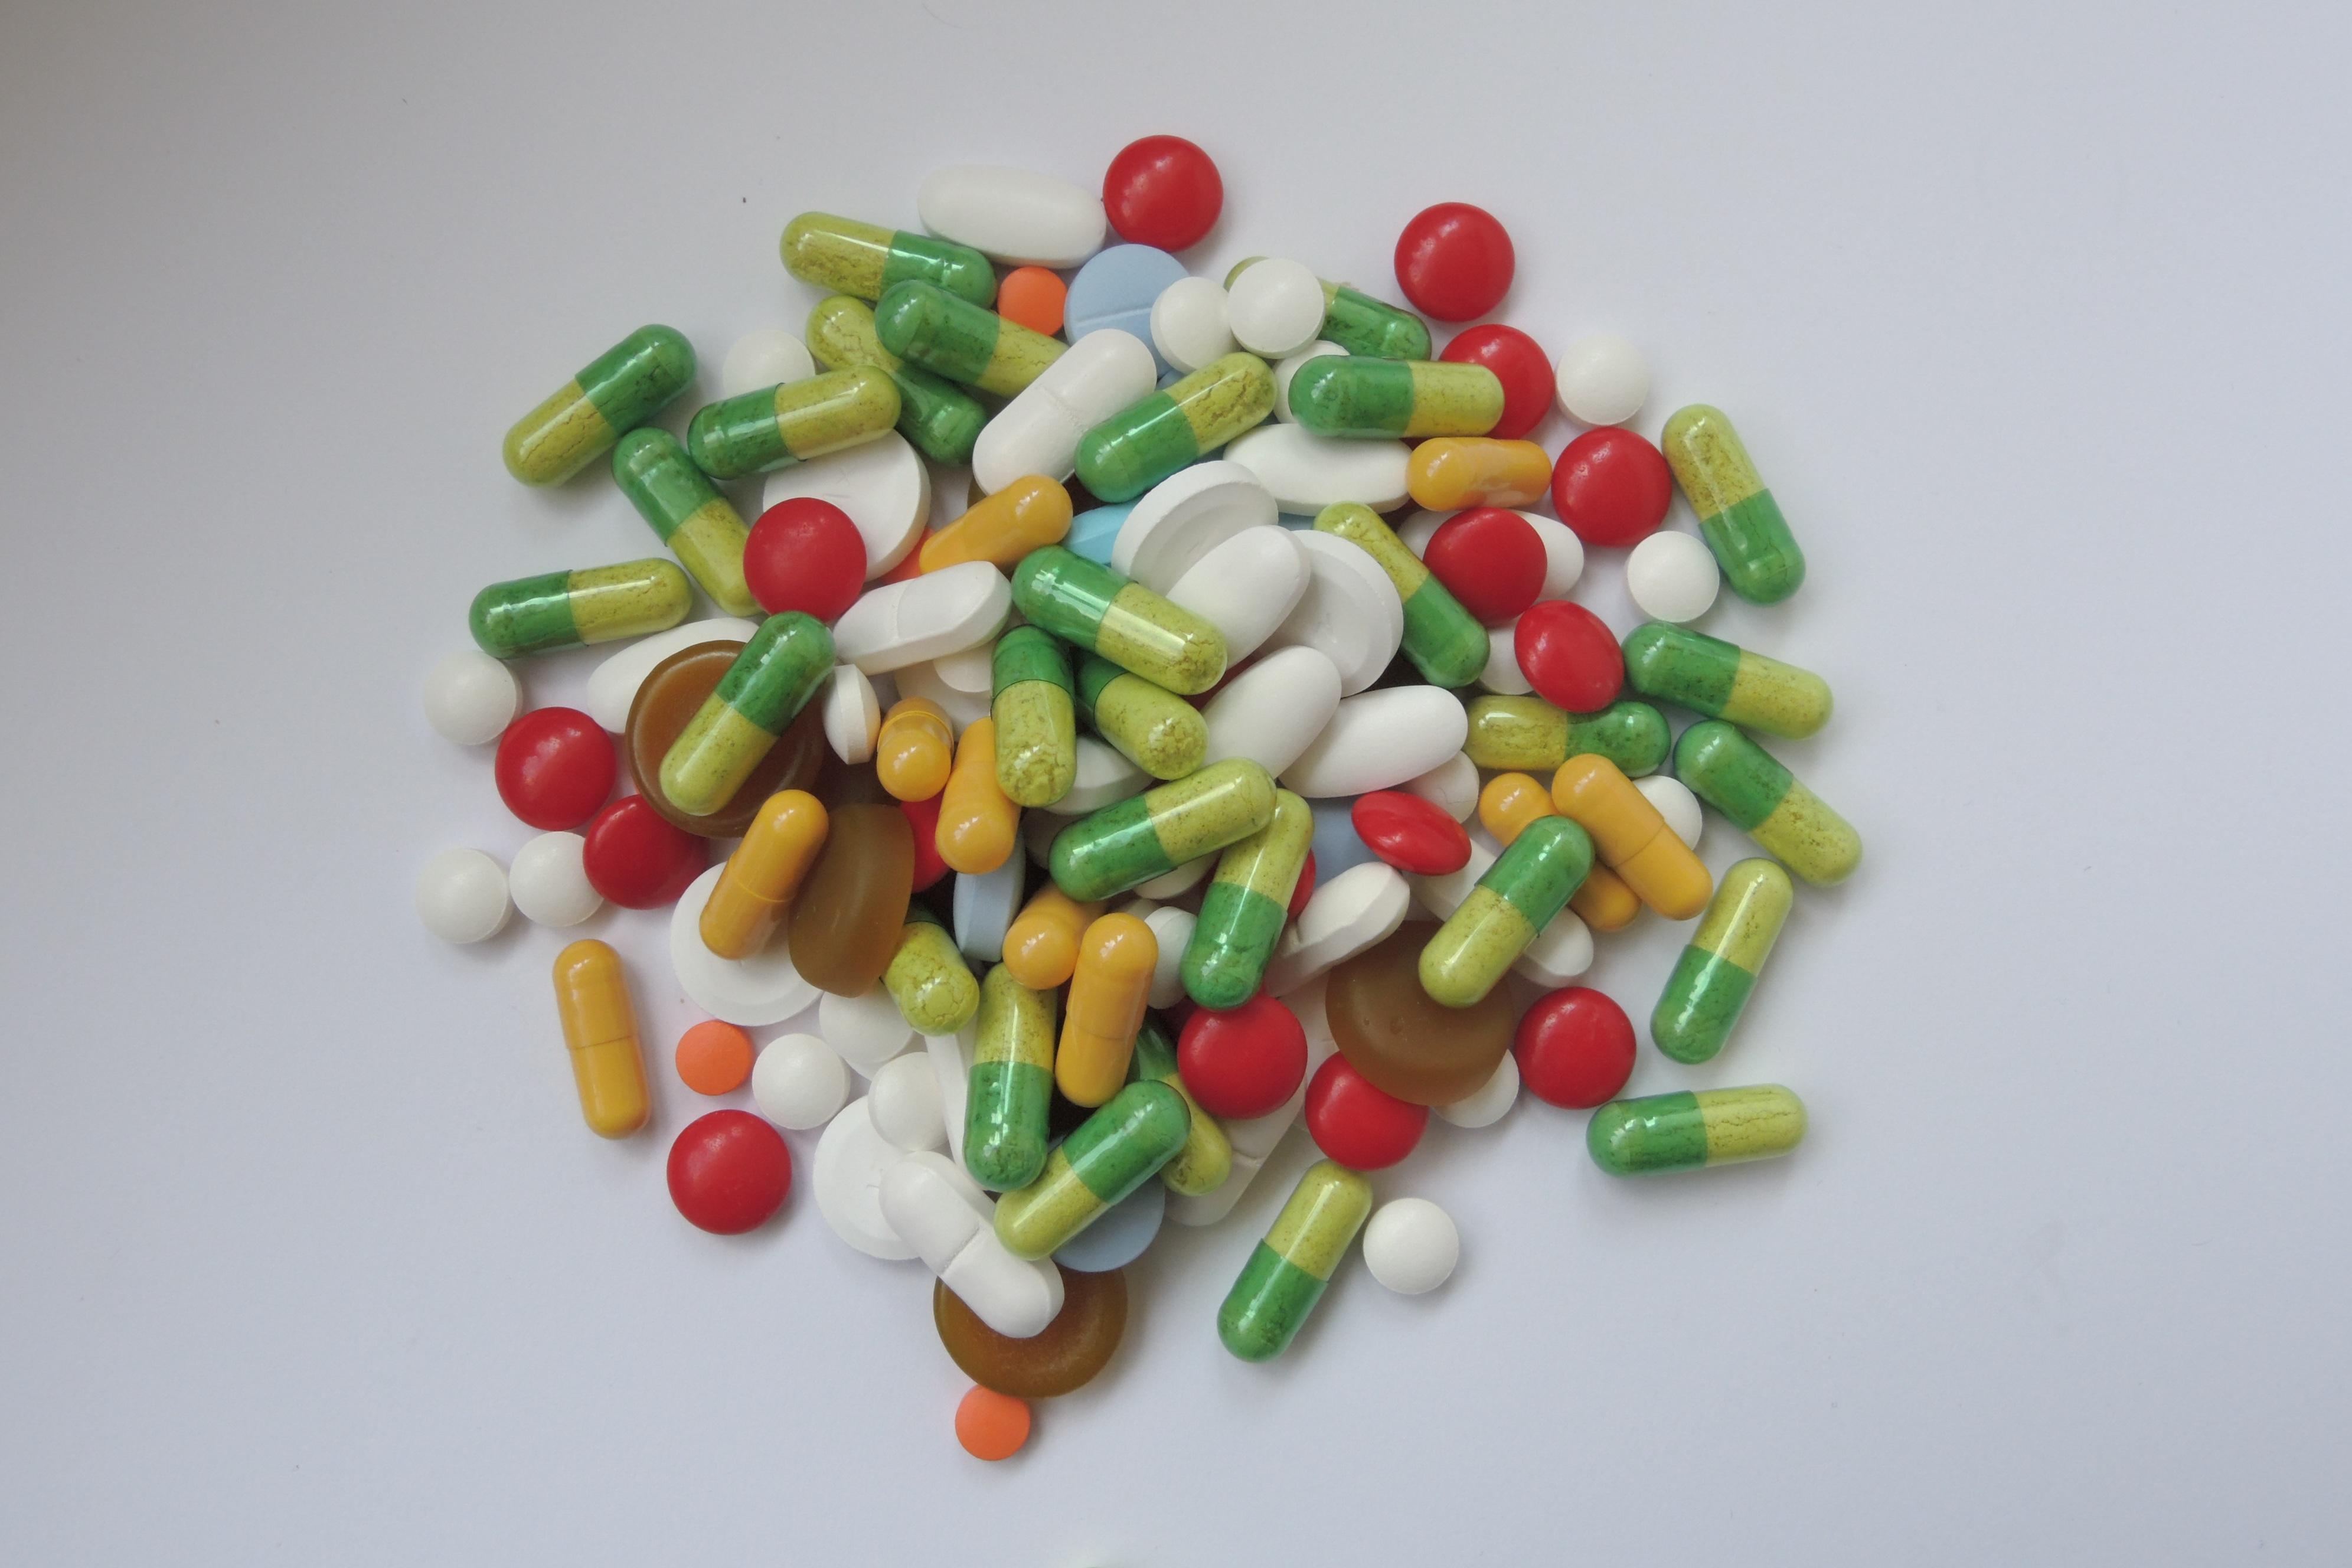 Bildet : tablett, mat, produsere, medisin, dessert, matrise, apotek, legemiddel, vitaminer ...